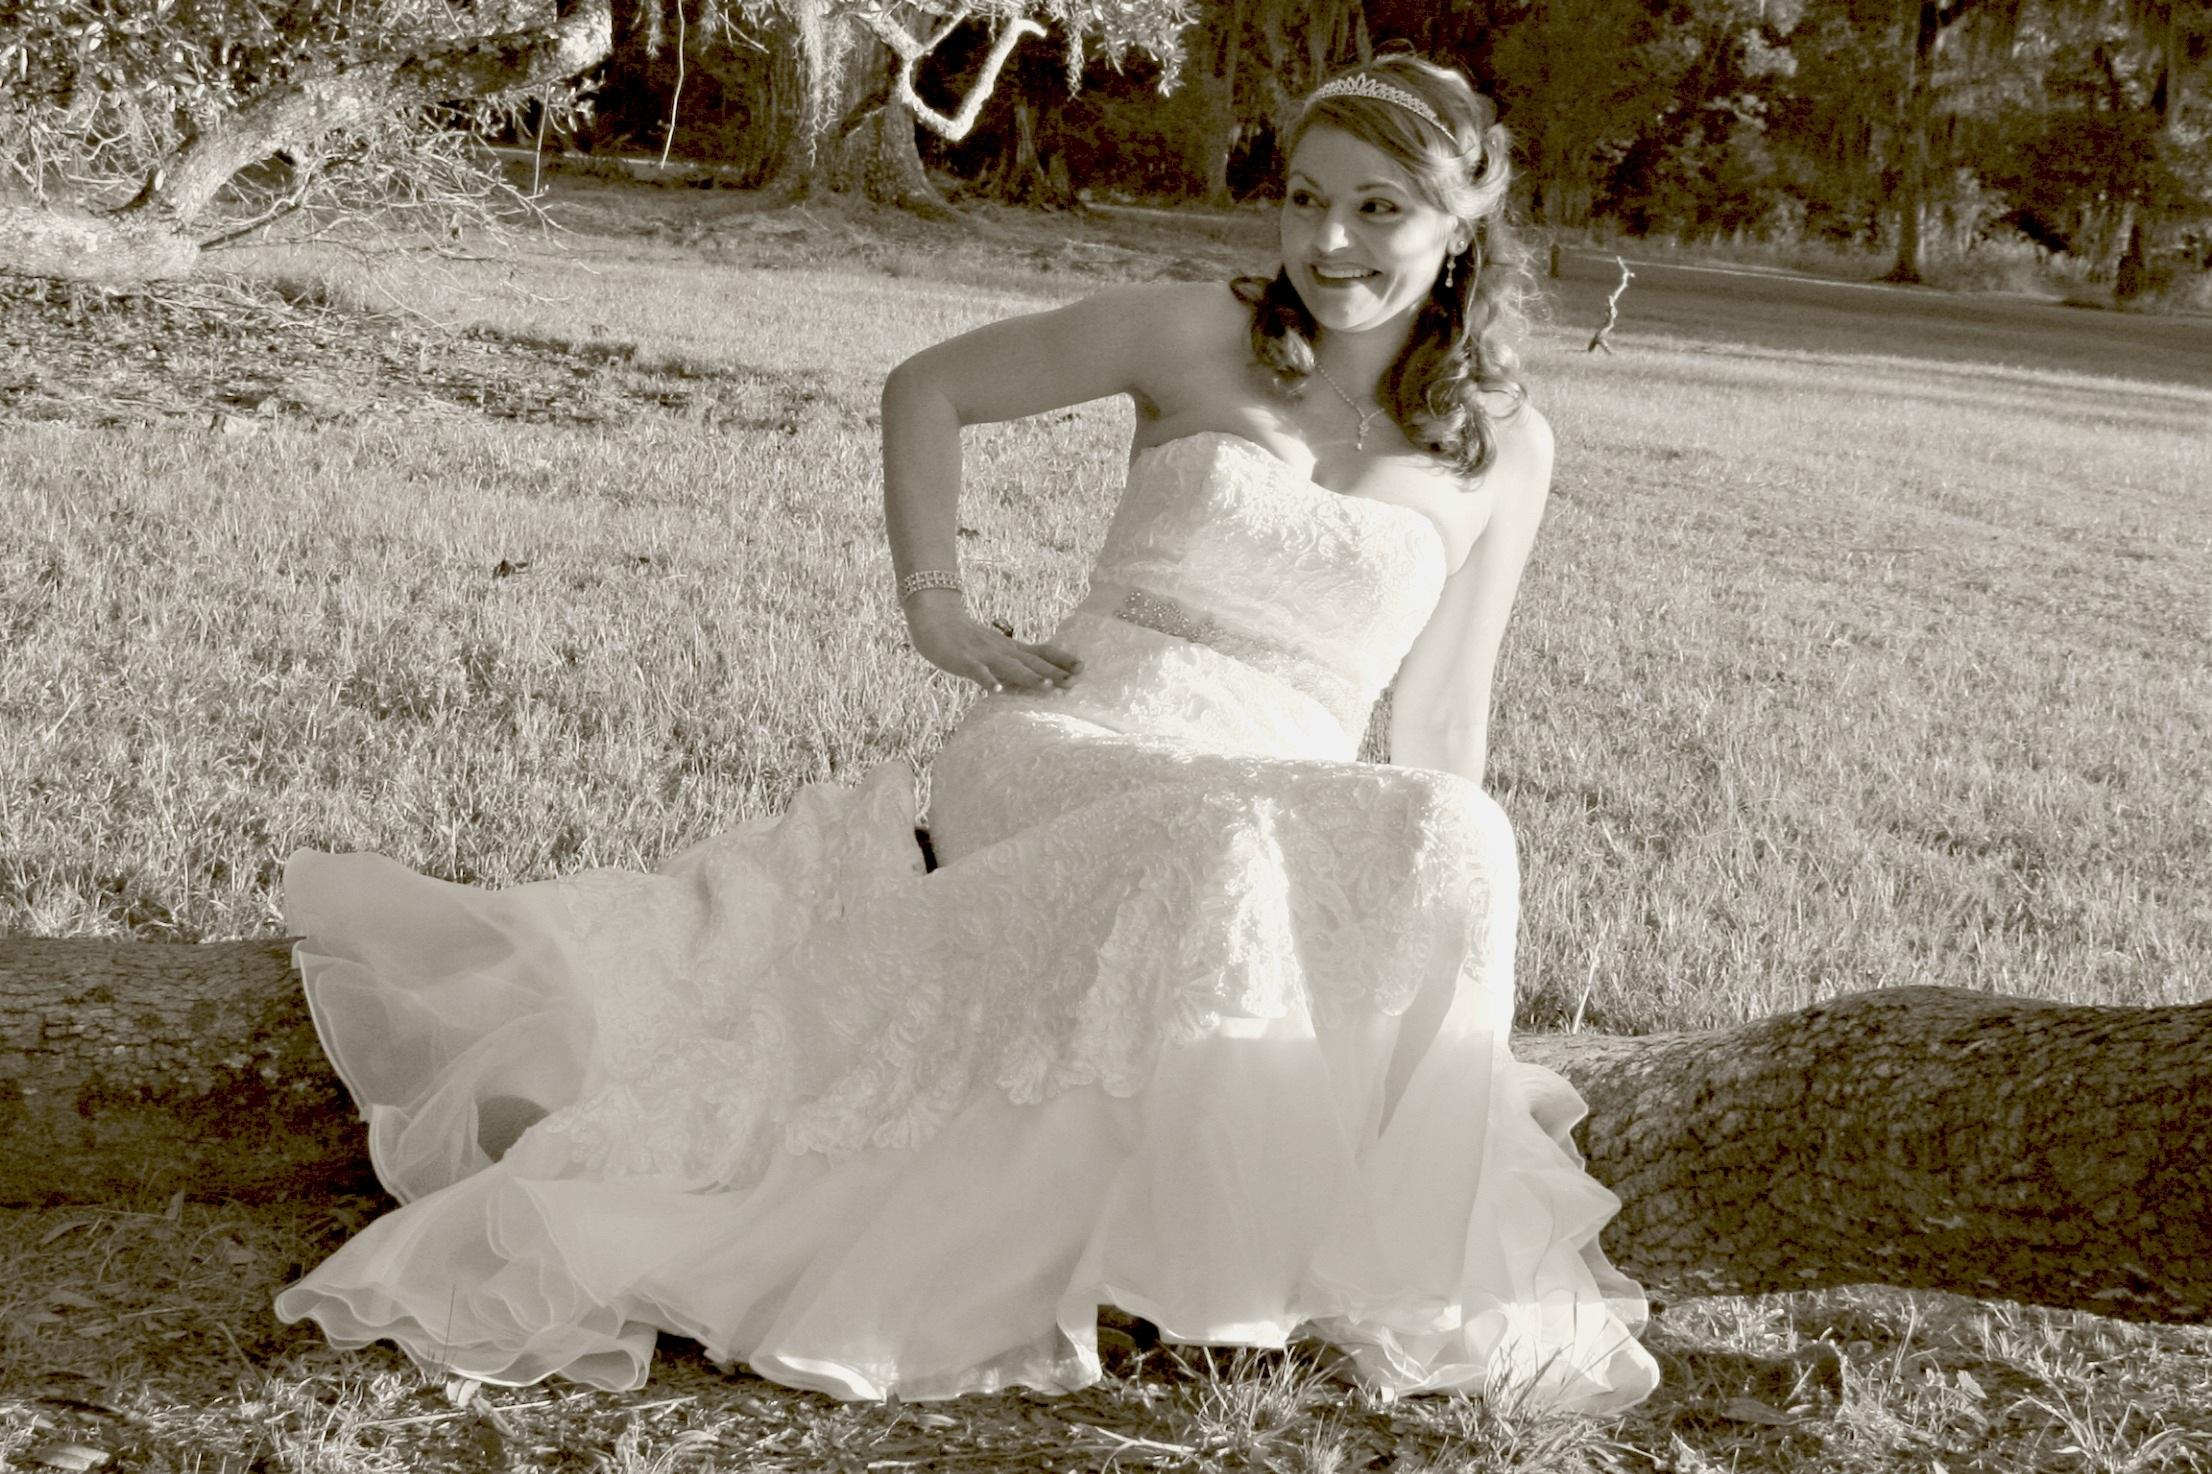 a756e3100036 kvinde hvid romantik mode tøj bryllup bryllupskjole brud Brudgom ceremoni kjole  fotografi tiara kjole elegance brude